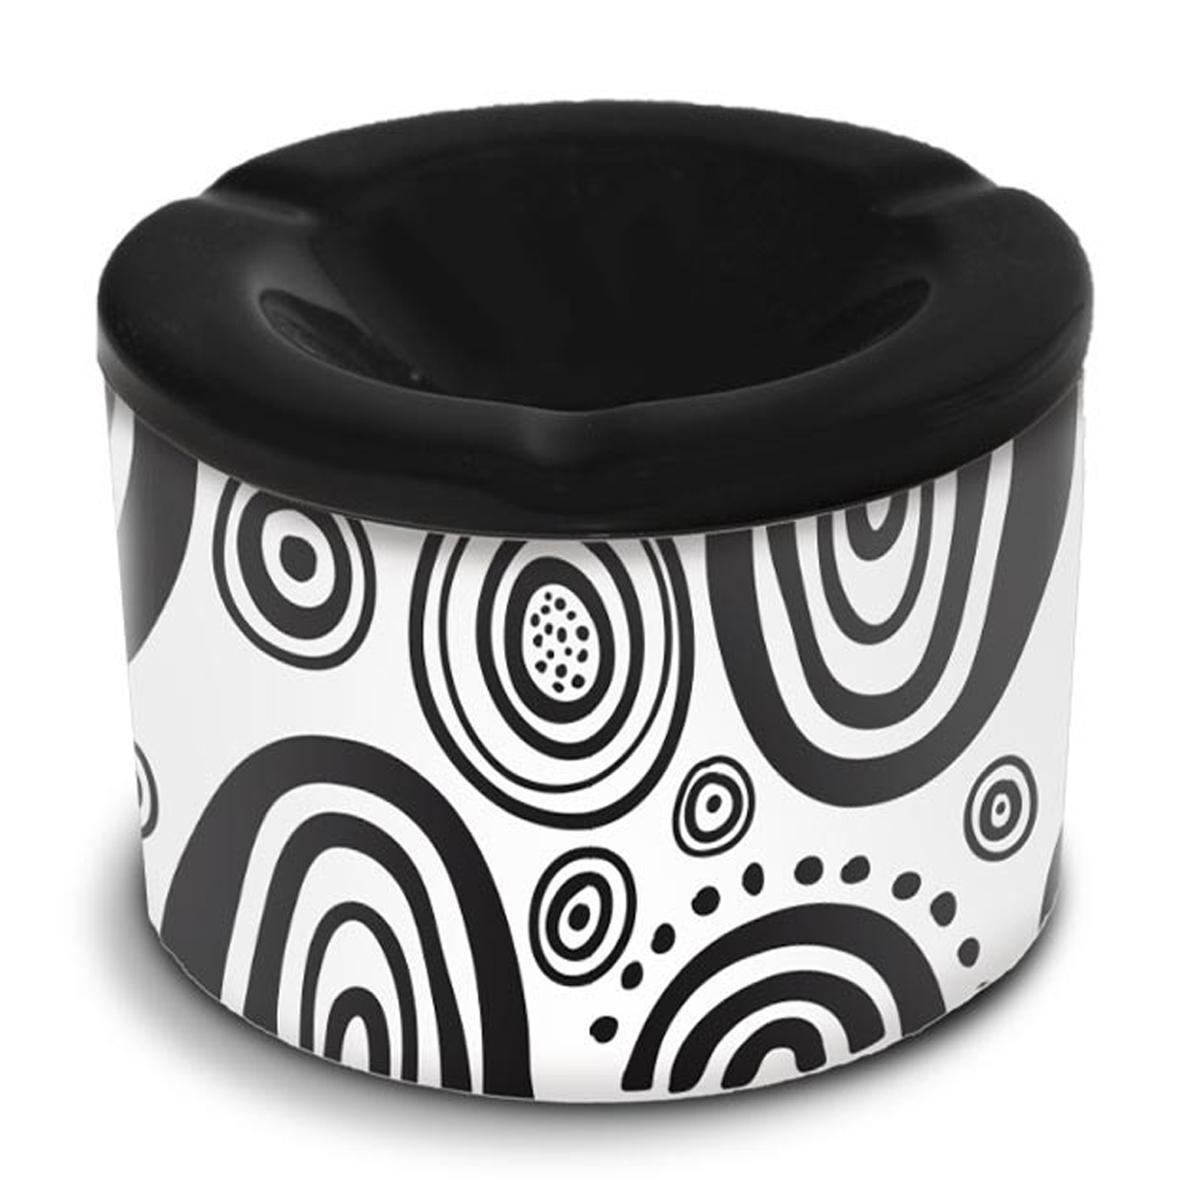 Cendrier marocain céramique \'Tropical\' noir blanc  (cercles) - 10x7 cm - [A3156]